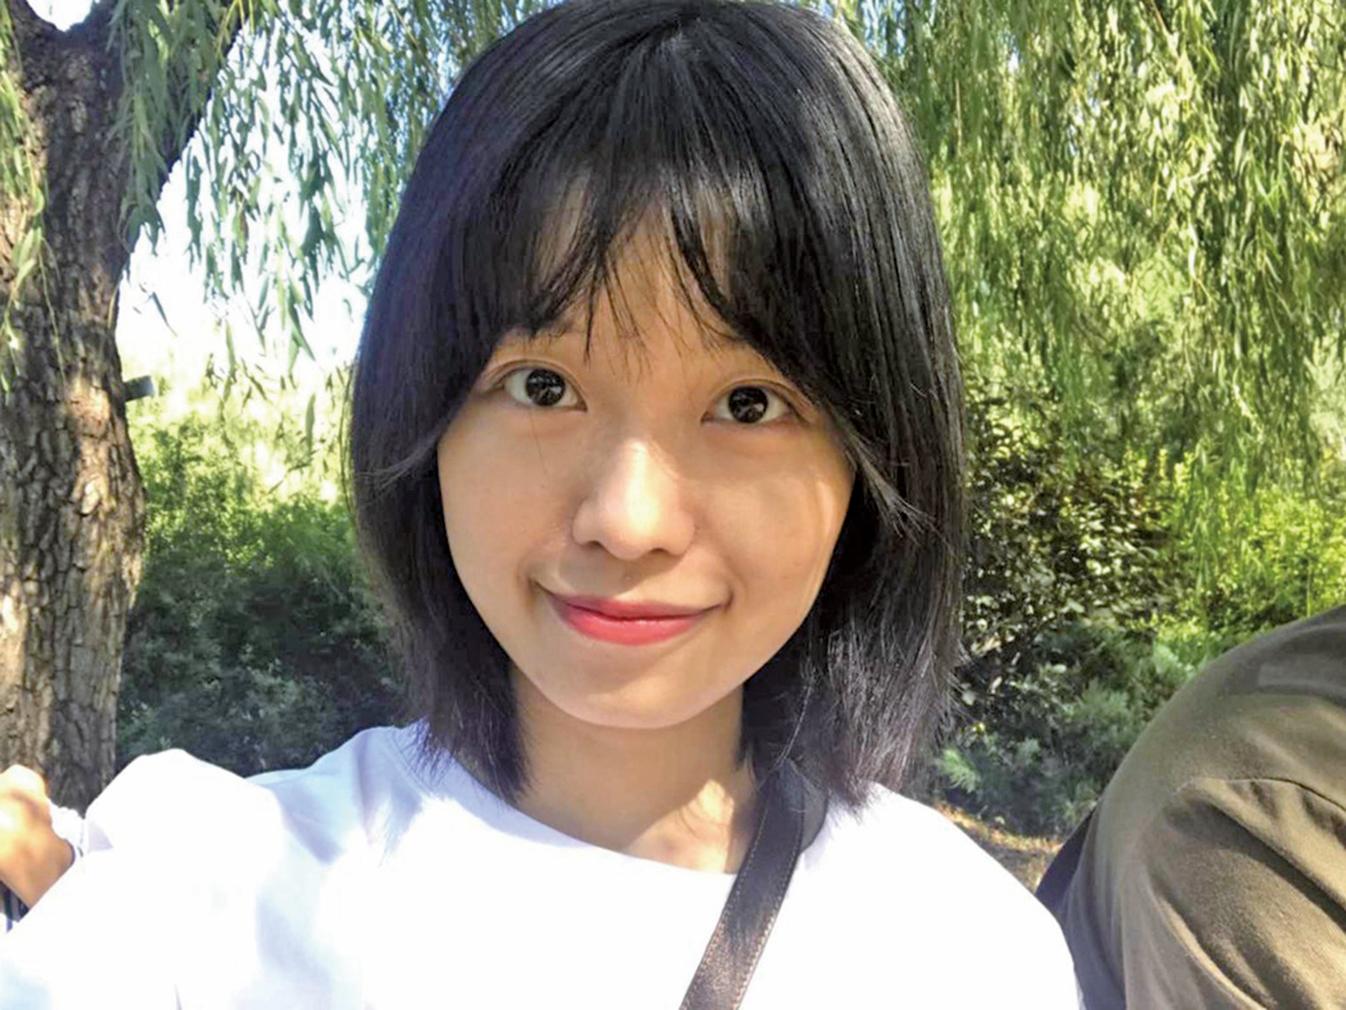 近日,遭朱軍性騷擾的女生首次在微博上曬出自己的正面照。(@弦子與她的朋友們)